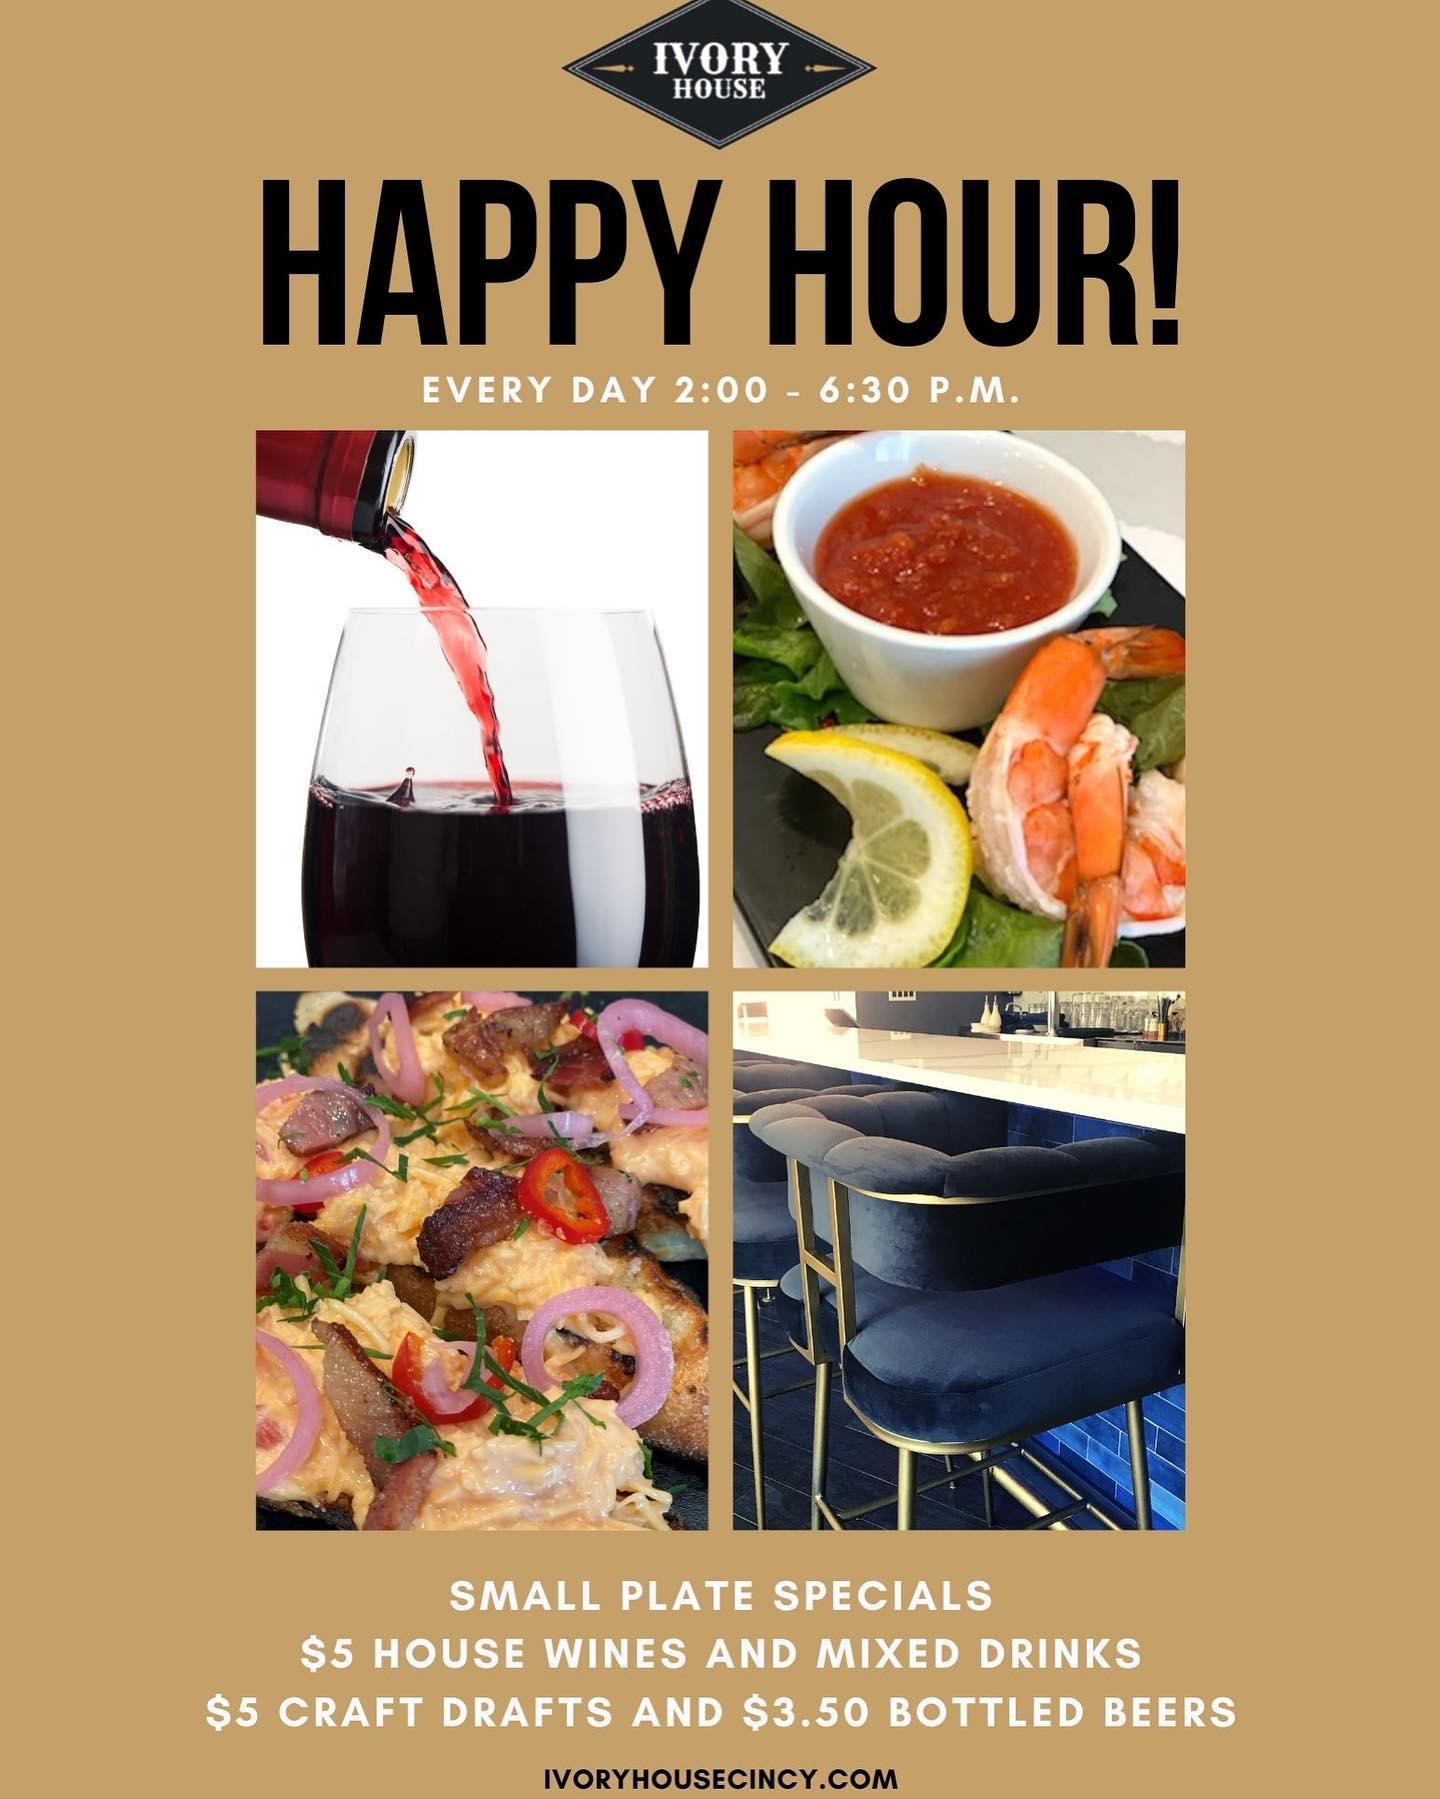 ivory house cincinnati westwood happy hour steak seafood wine cocktails beer